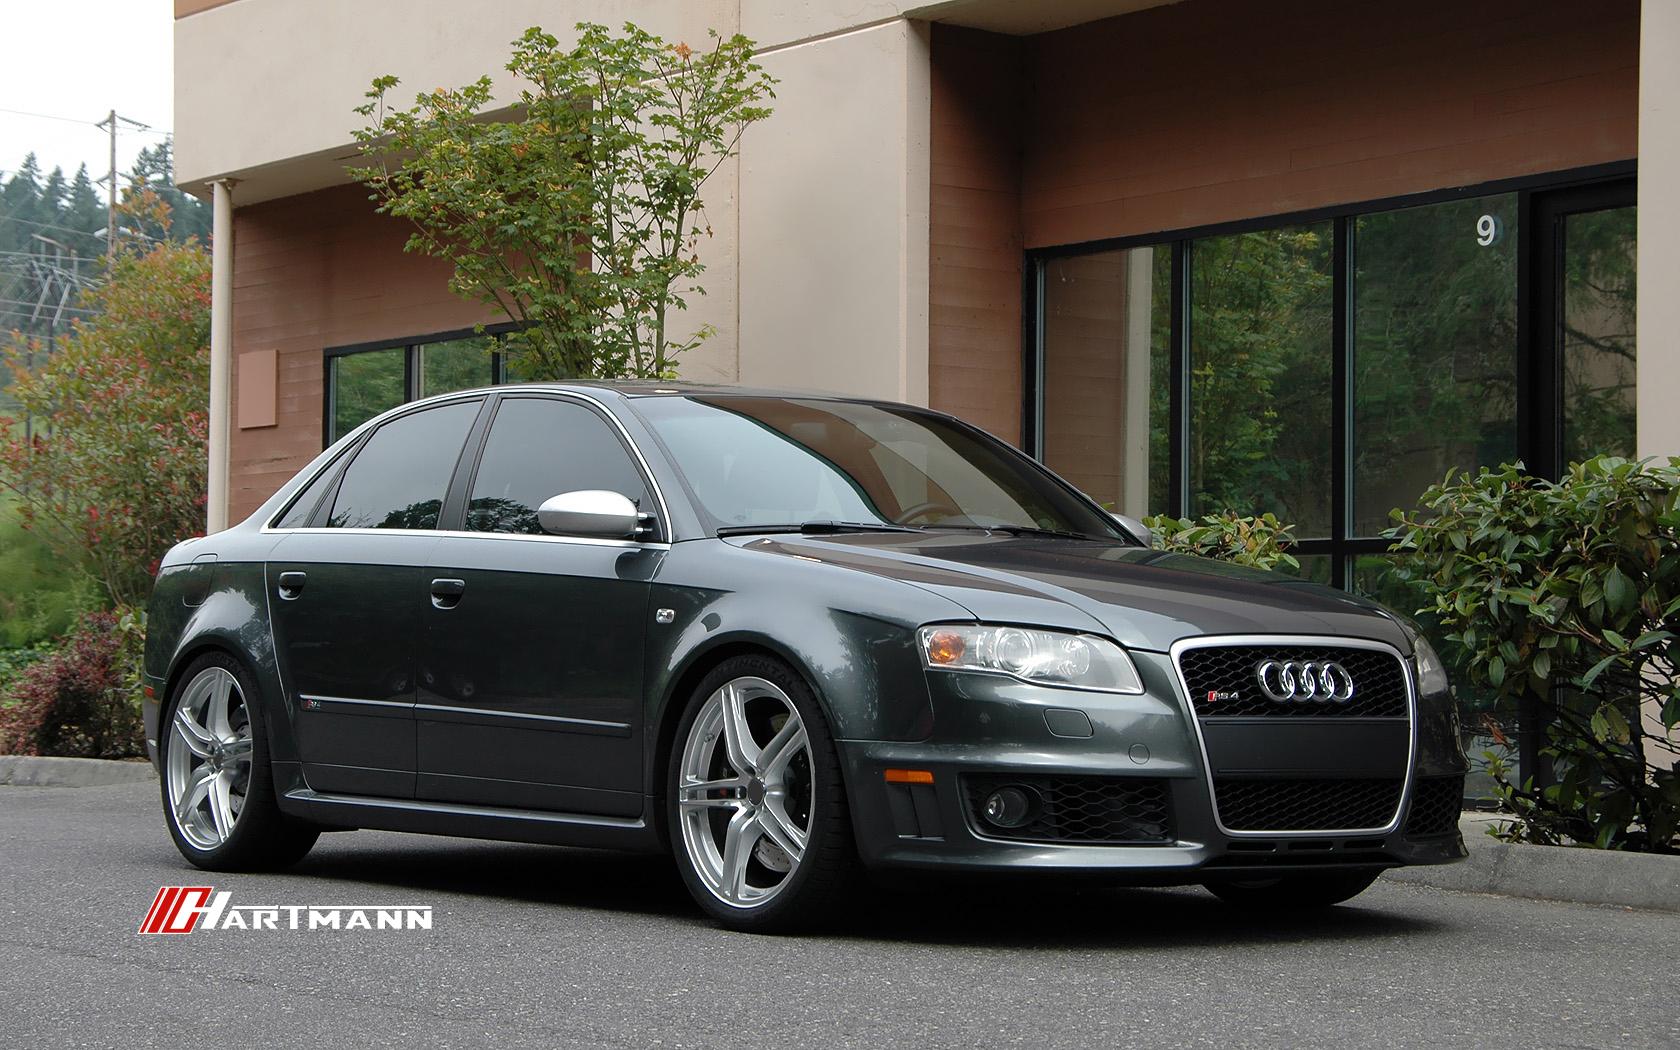 Hartmann HR8-GS:M Wheels for Audi fitment - Hartmann Wheels